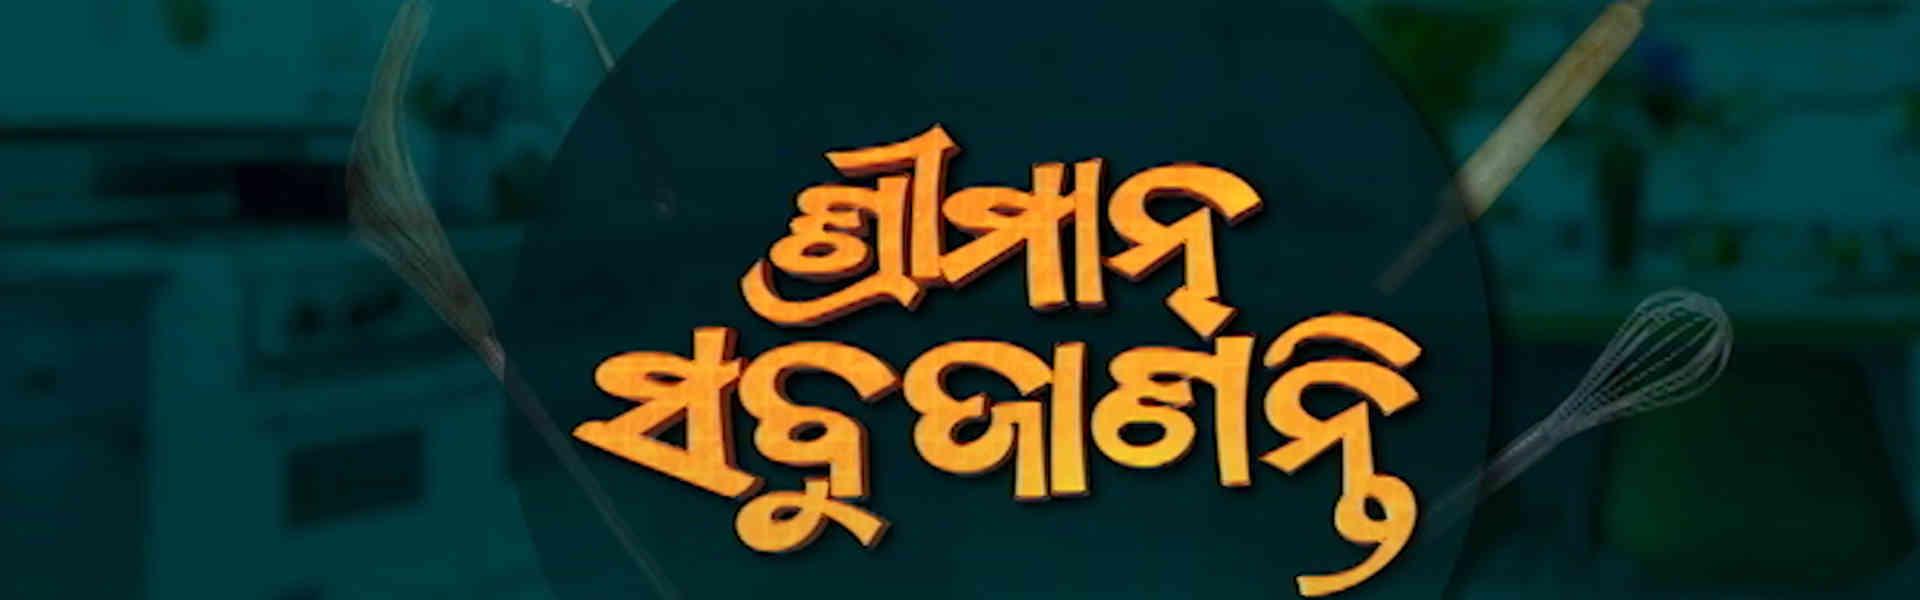 Sriman Sabu Jananti